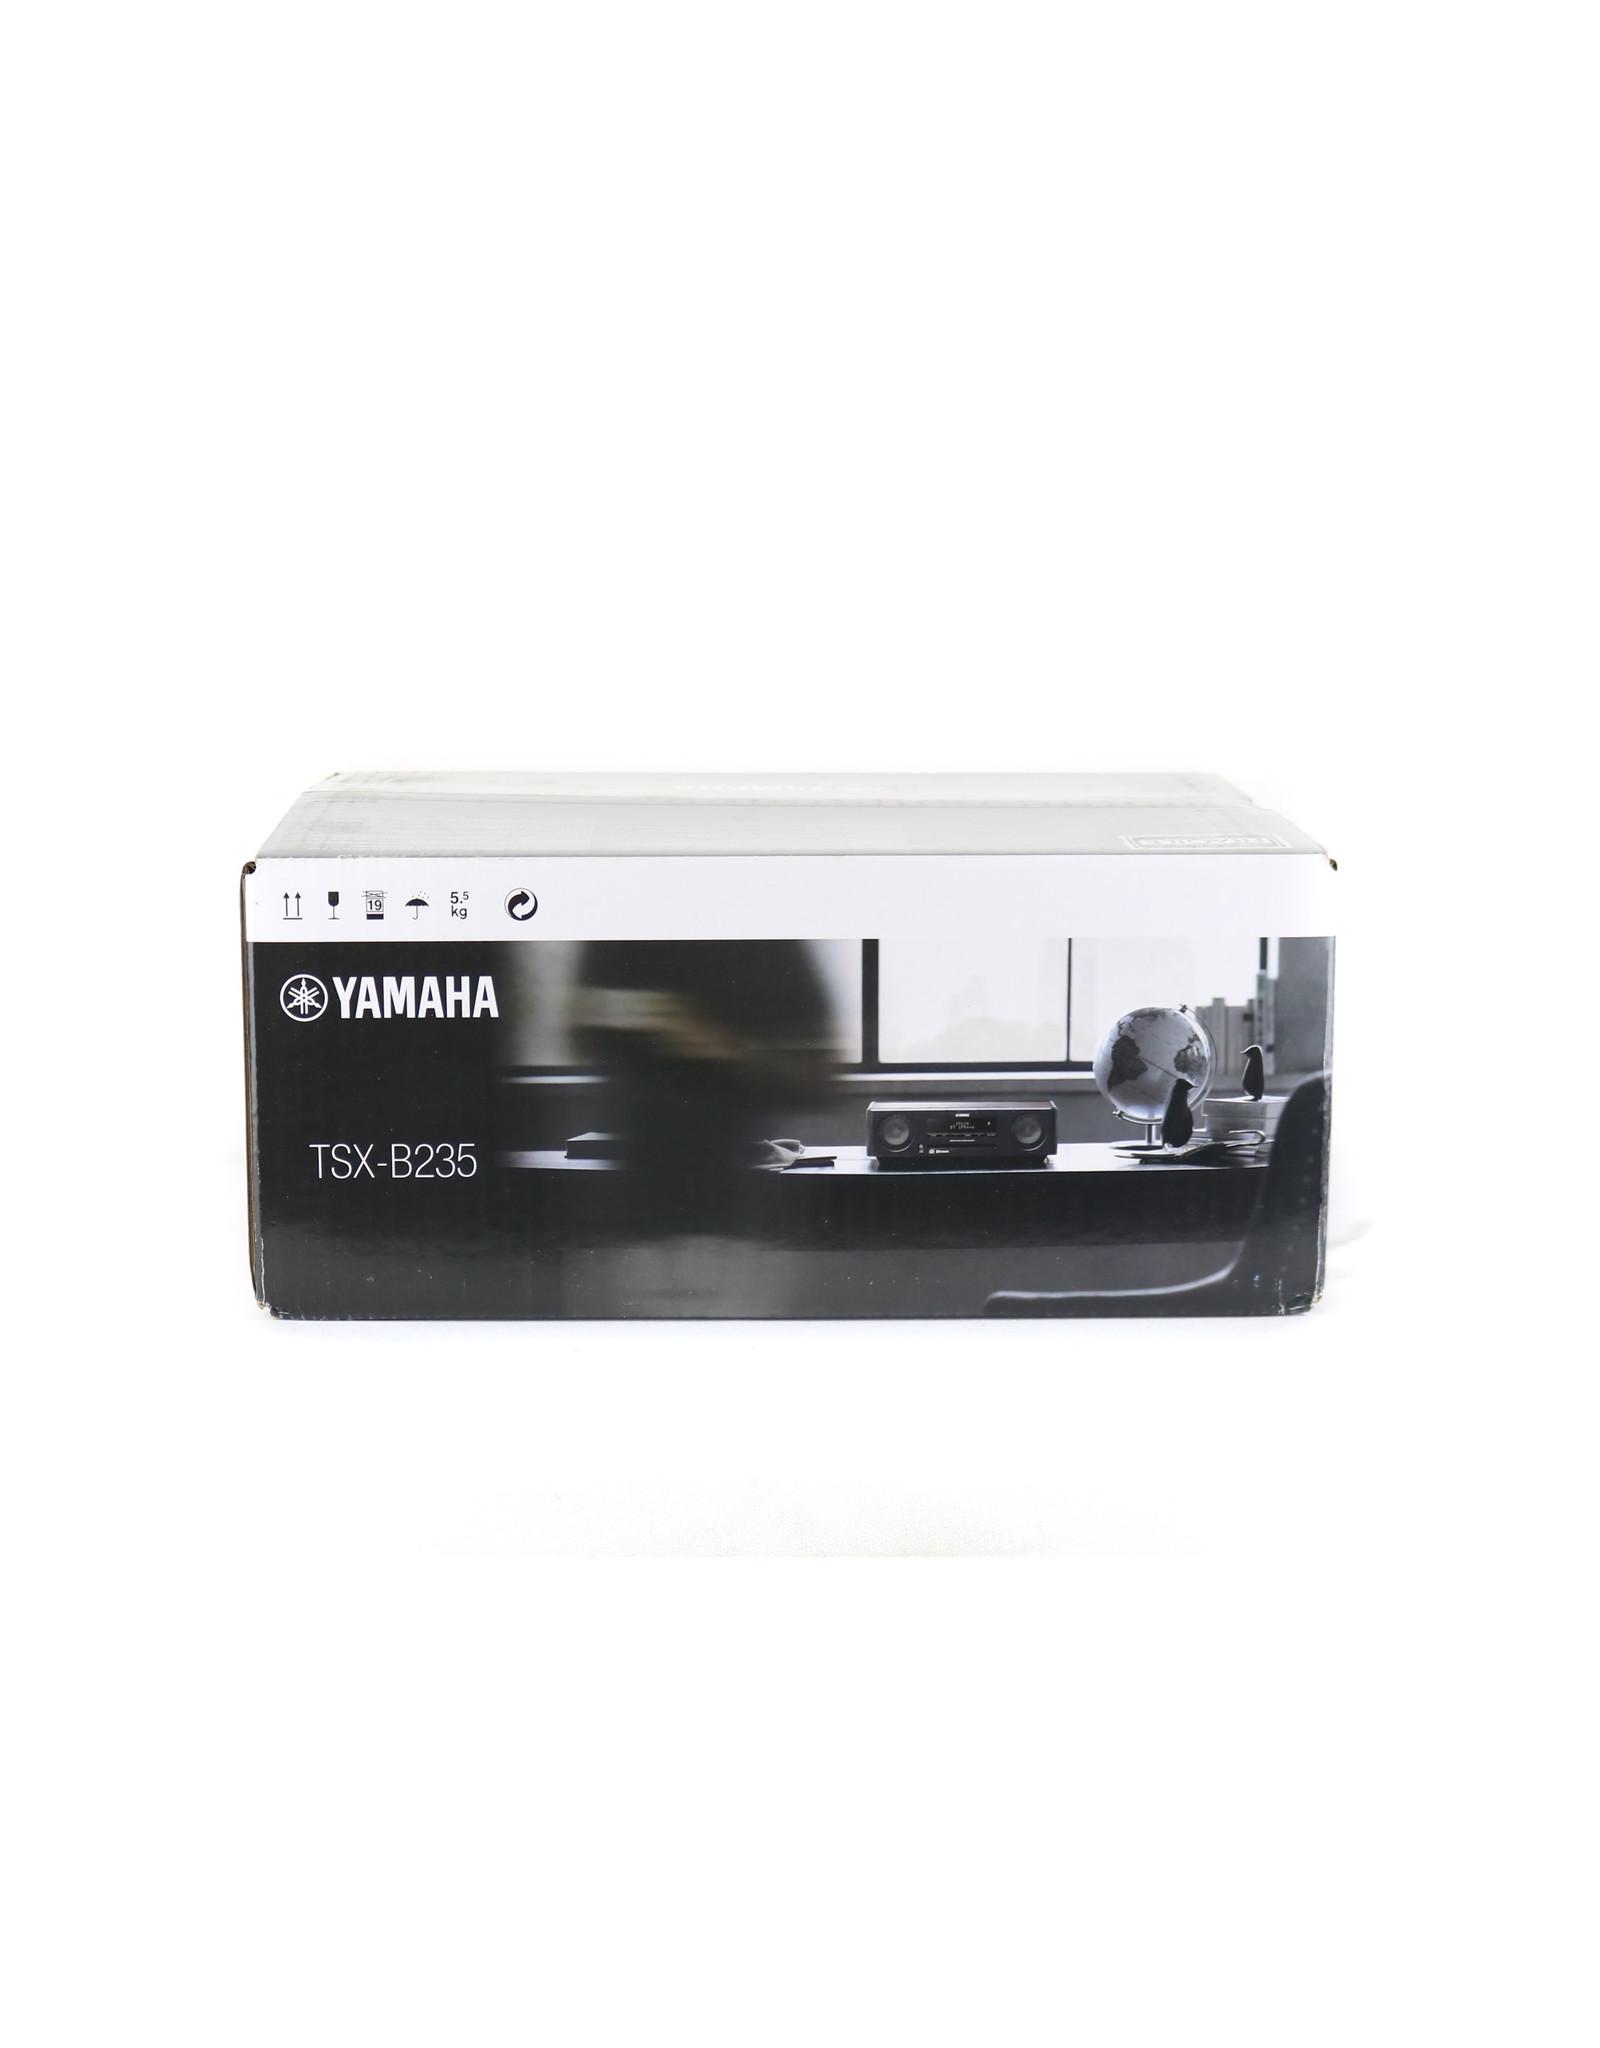 Yamaha Yamaha TSX-B235 Mini System USED (New Clearance)